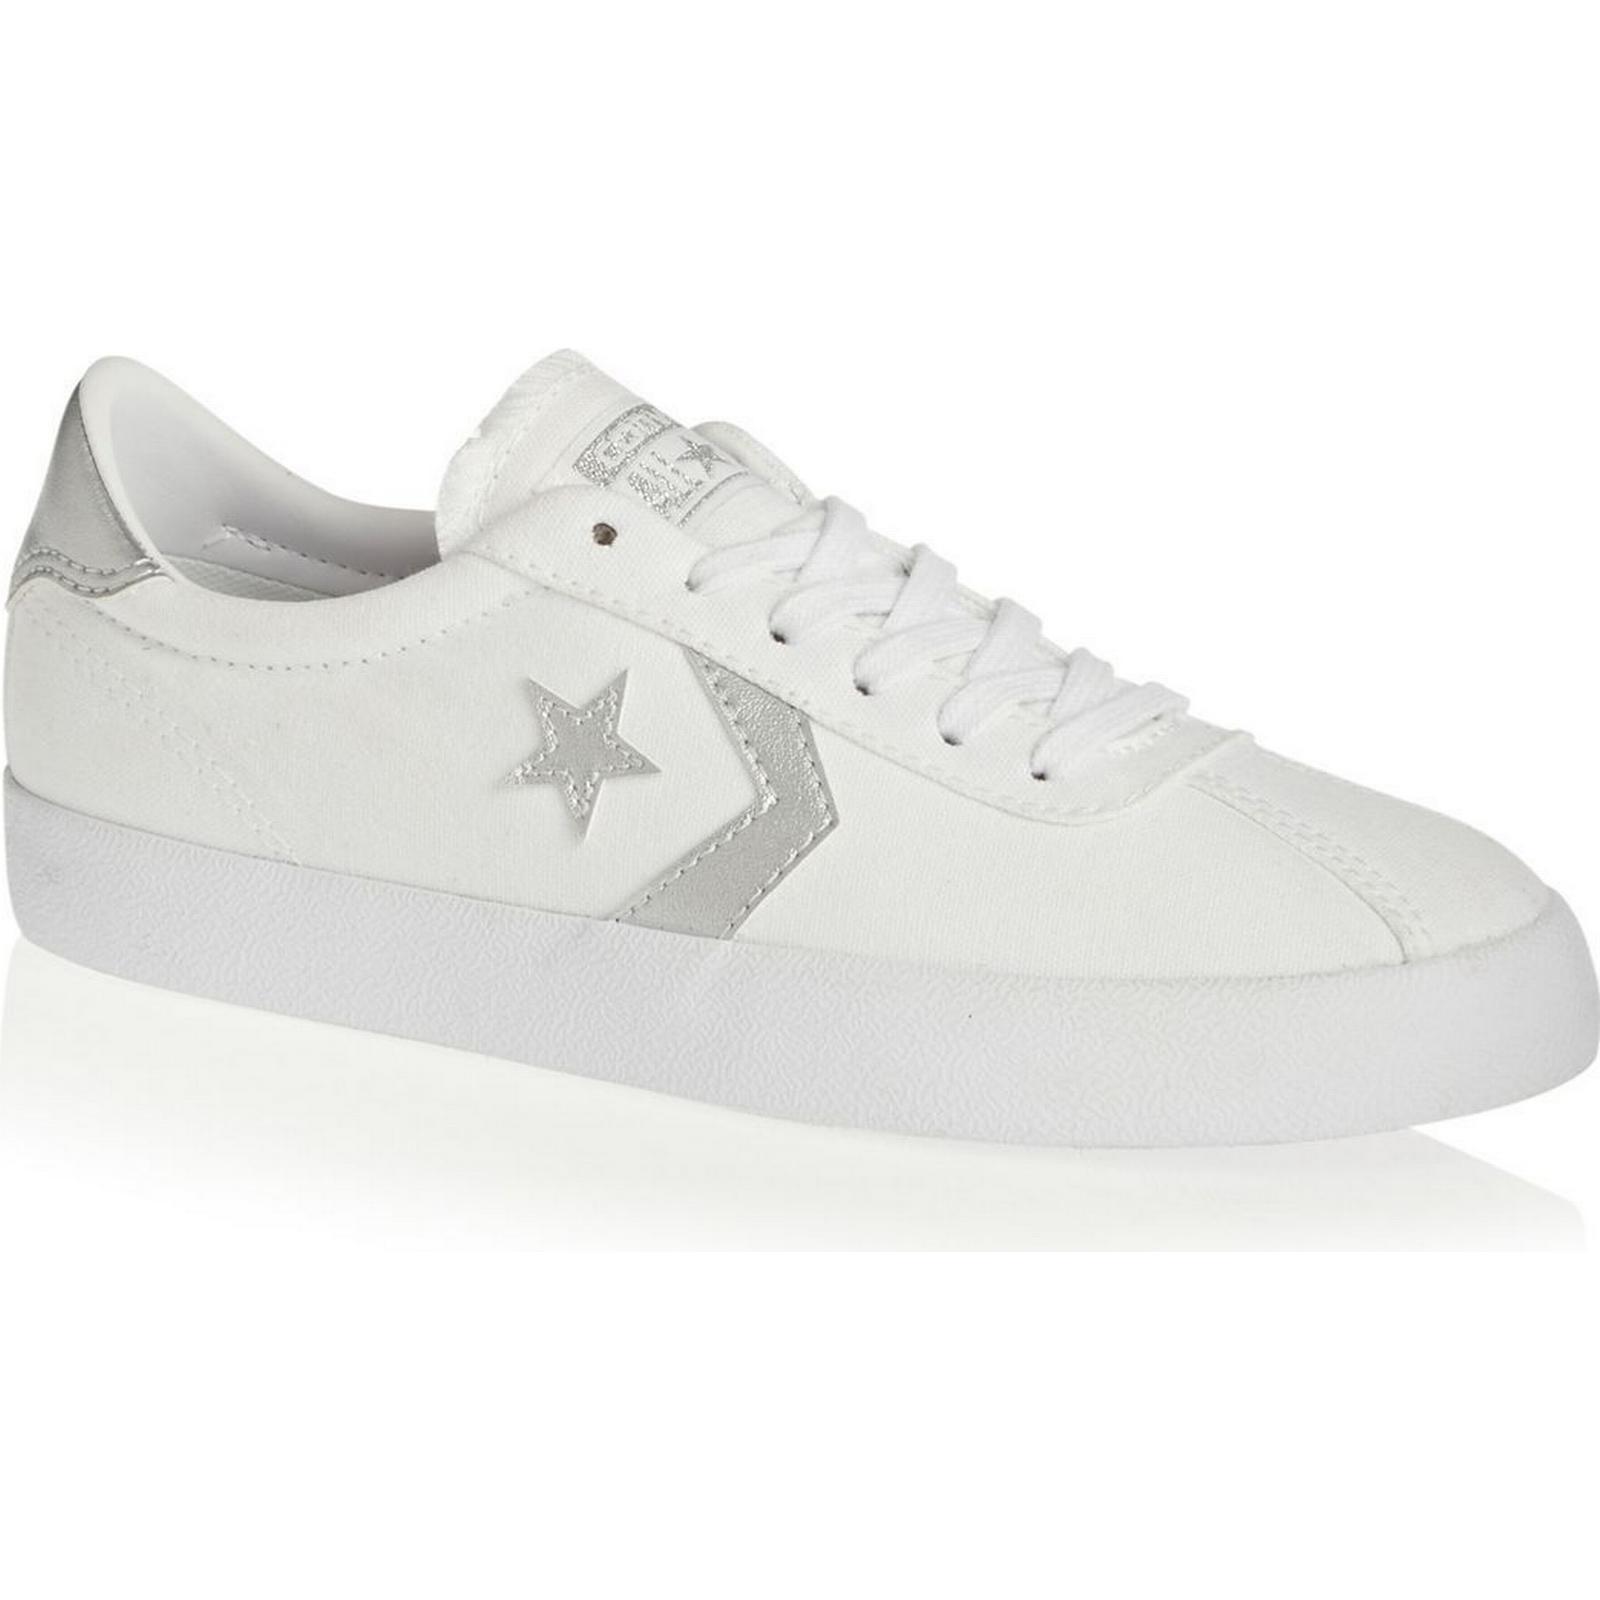 Converse Breakpoint Women's Converse Shoes - Converse Breakpoint Converse Ox Shoes- White/Sure Silver ecc034